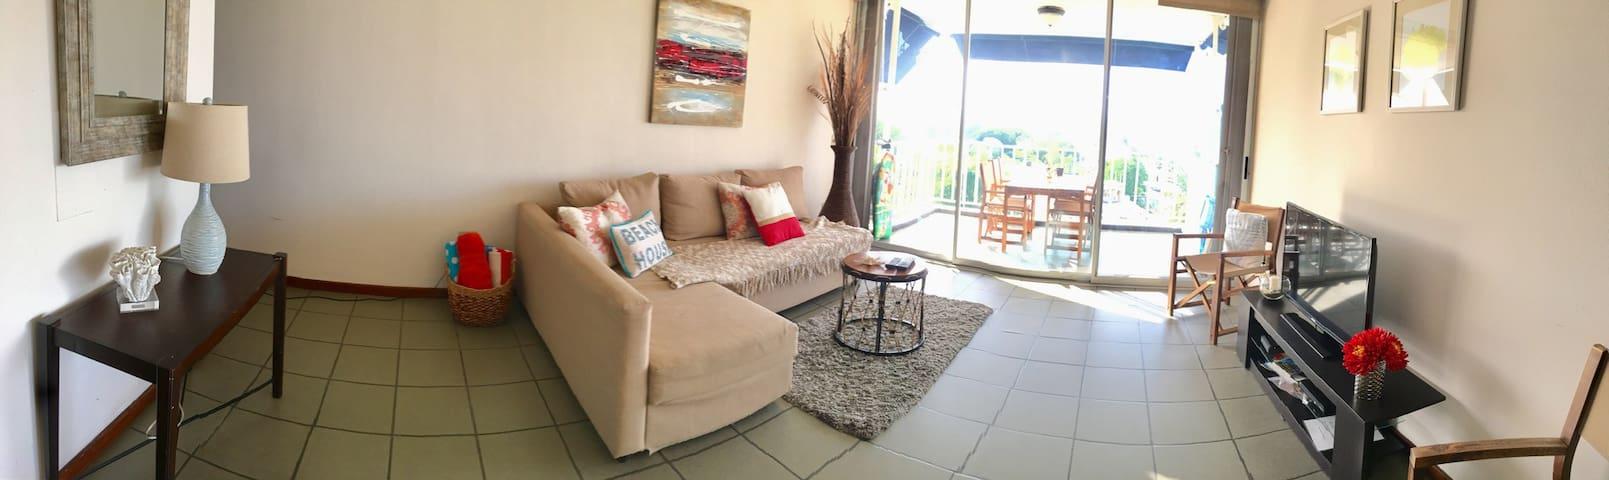 Inspiring and Relaxing - San Juan - Apartment